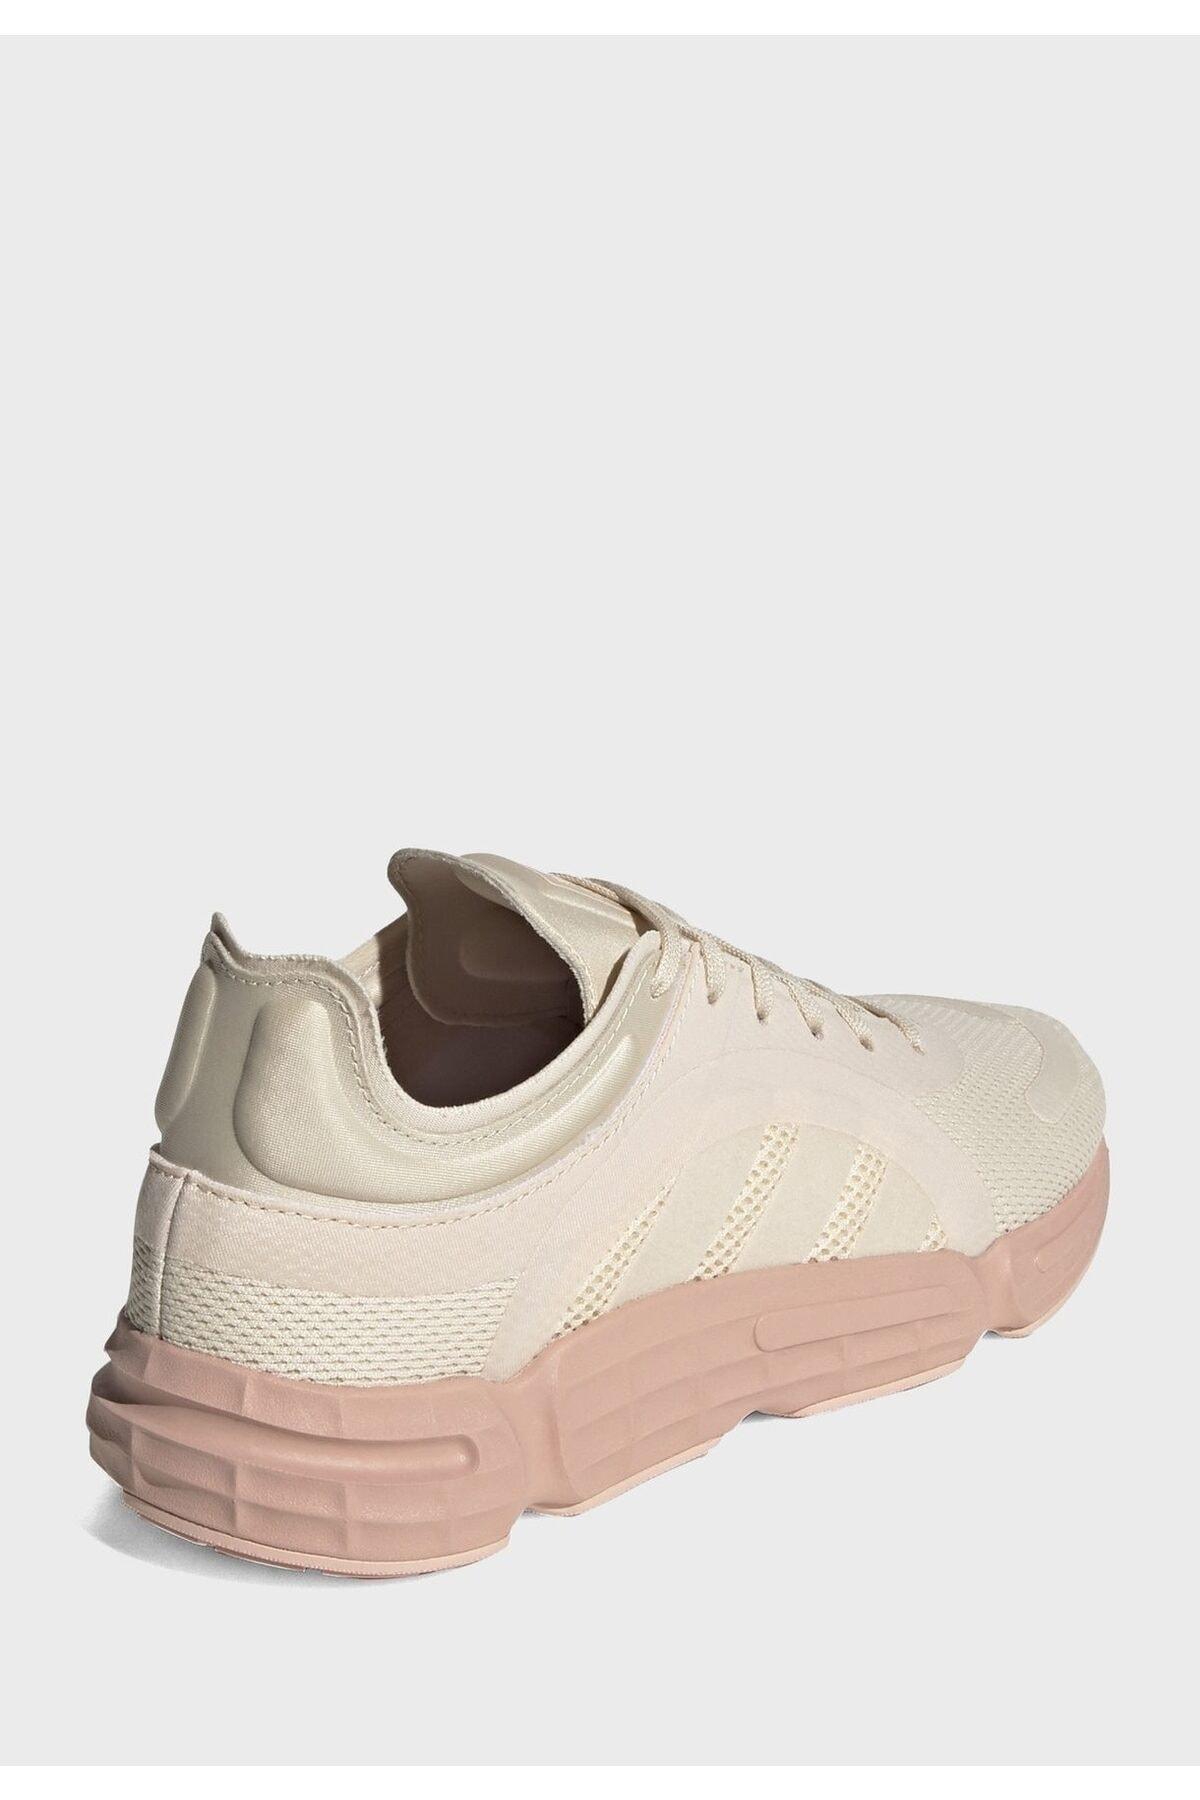 adidas Kadın Yetişkin Sneaker KADIN AYAKKABI FV9199 2